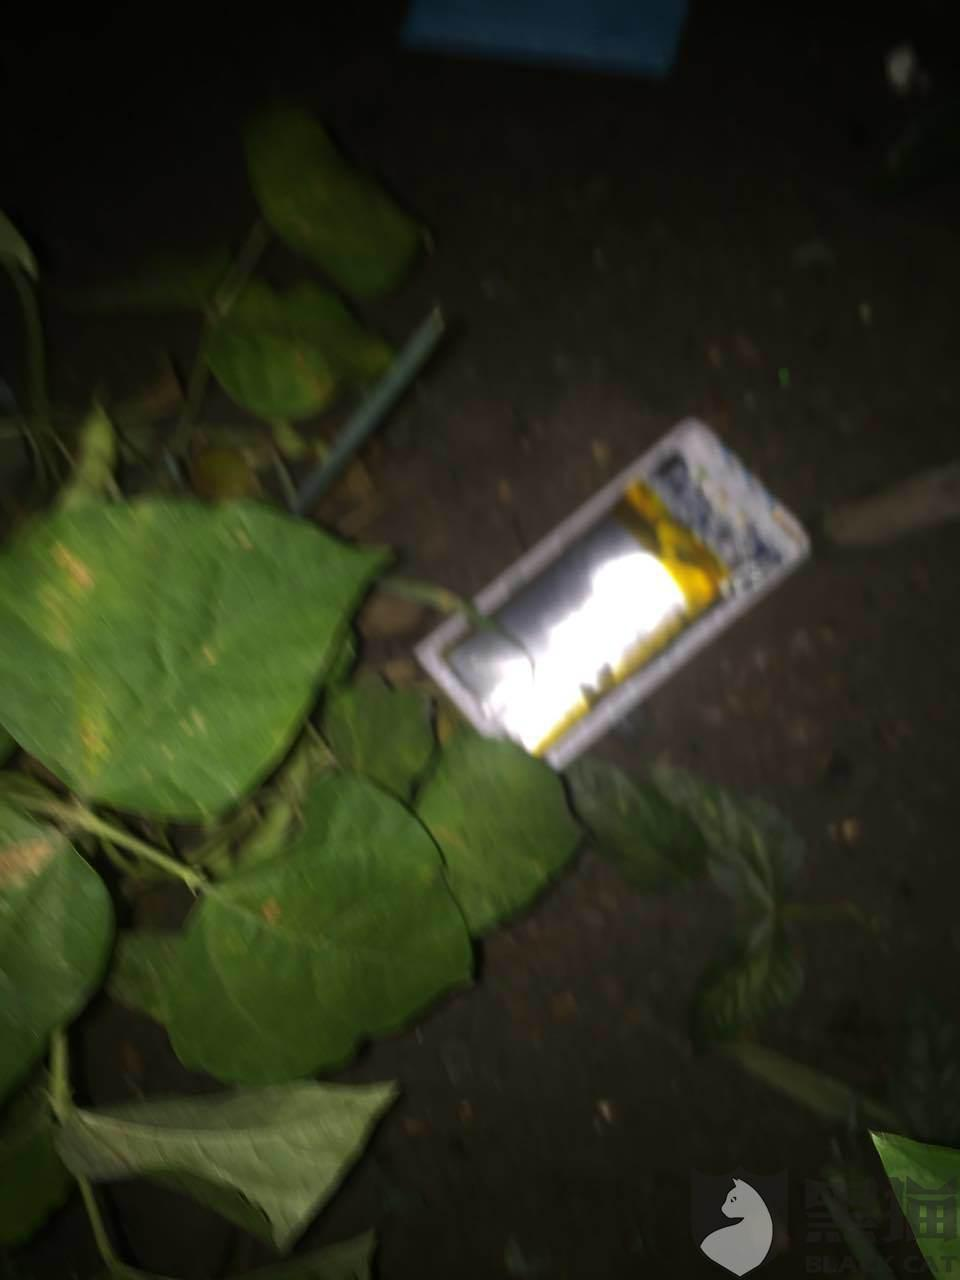 黑猫投诉:咻电共享充电宝。电池涨开。无法使用。充电宝没有充电宝的样子。差点发生爆炸。